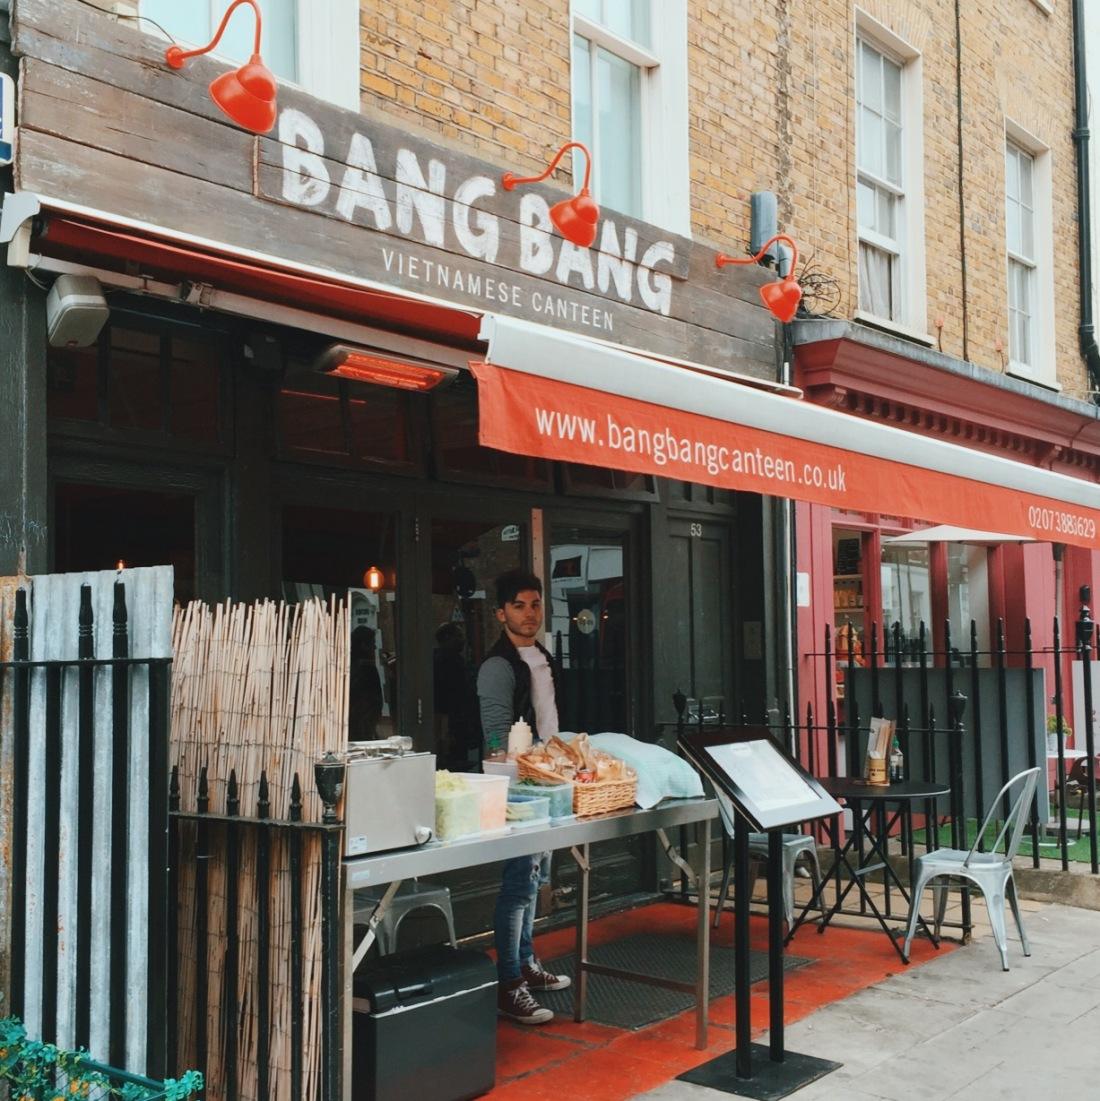 Bang Bang Vietnamese Canteen review London Soho and Fitzrovia